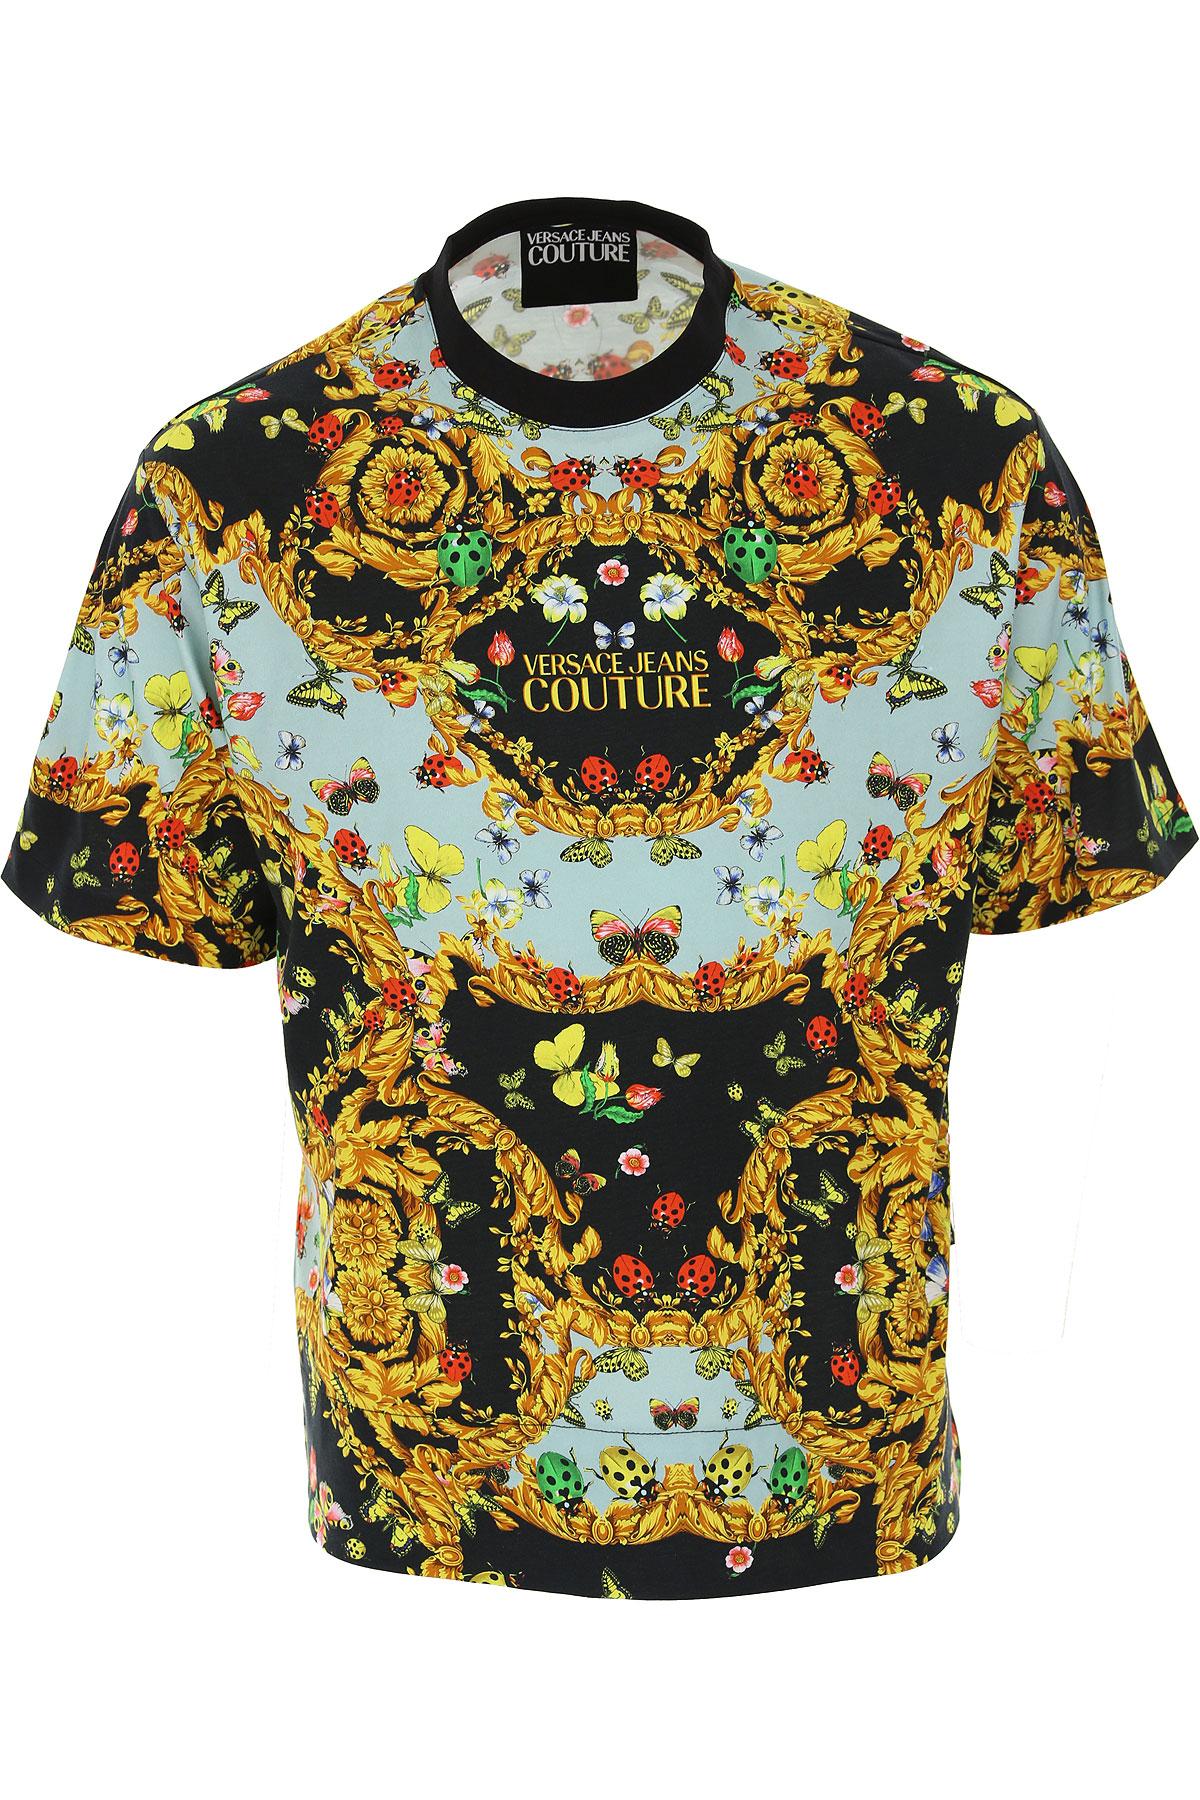 d2599040c1 Mens Clothing Versace Jeans Couture , Style code: b3gua7de-36609-899